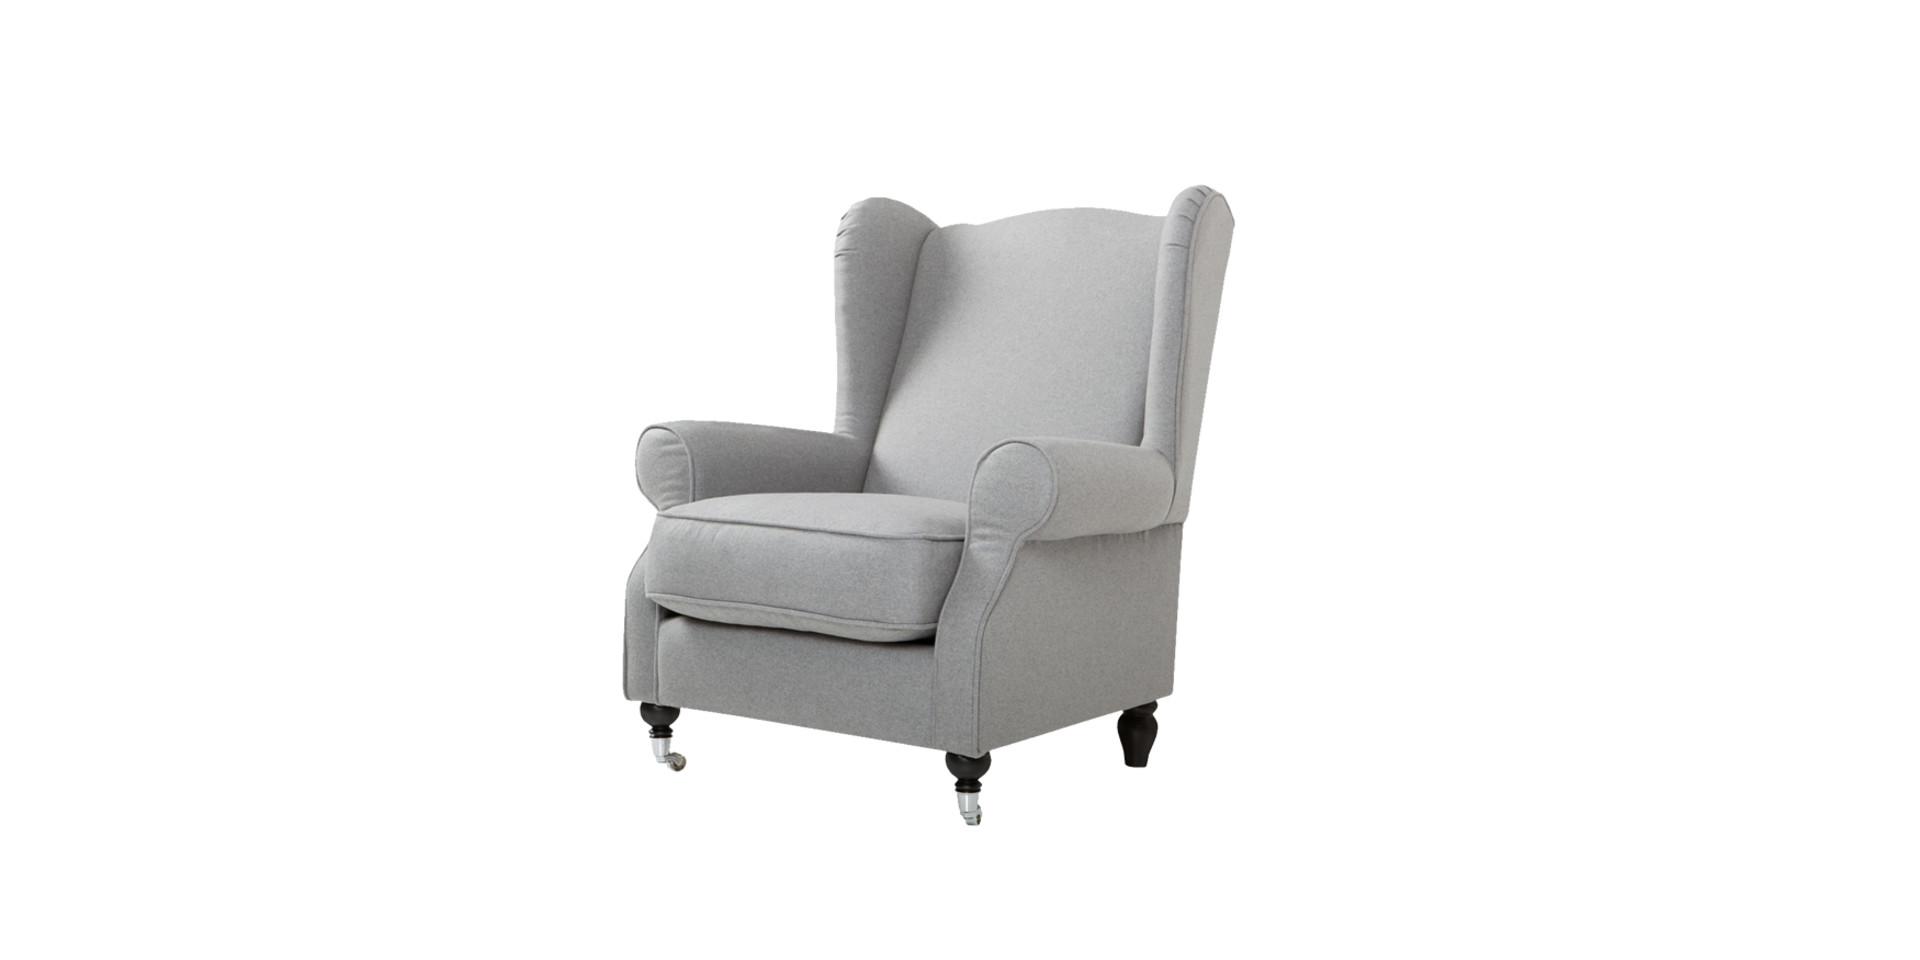 sits-humphrey-fauteuil-armchair_high_panno1000_light_grey_4